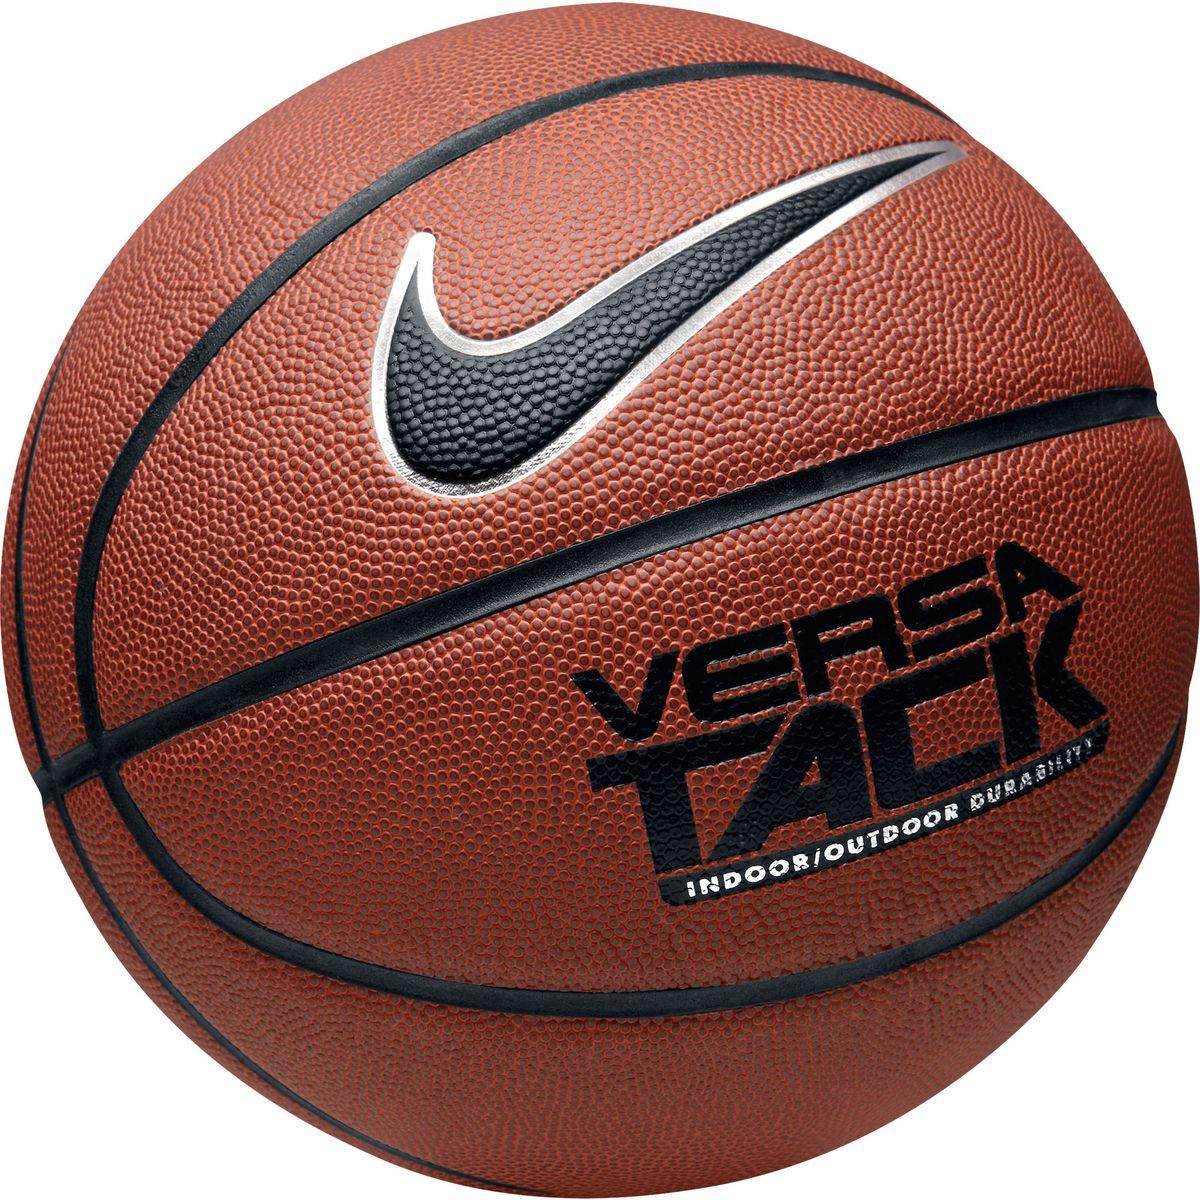 Мяч баскетбольный Nike Versa Tack, цвет: оранжевый. Размер 7BB0434-801Мяч баскетбольный Nike Versa Tack подходит для игр в зале и на свежем воздухе. Модель выполнена из плотного резинового покрытия с мягкой текстурированной поверхностью и дополнена широкими канавками для удобного захвата. Высококачественная камера для сохранения формы.